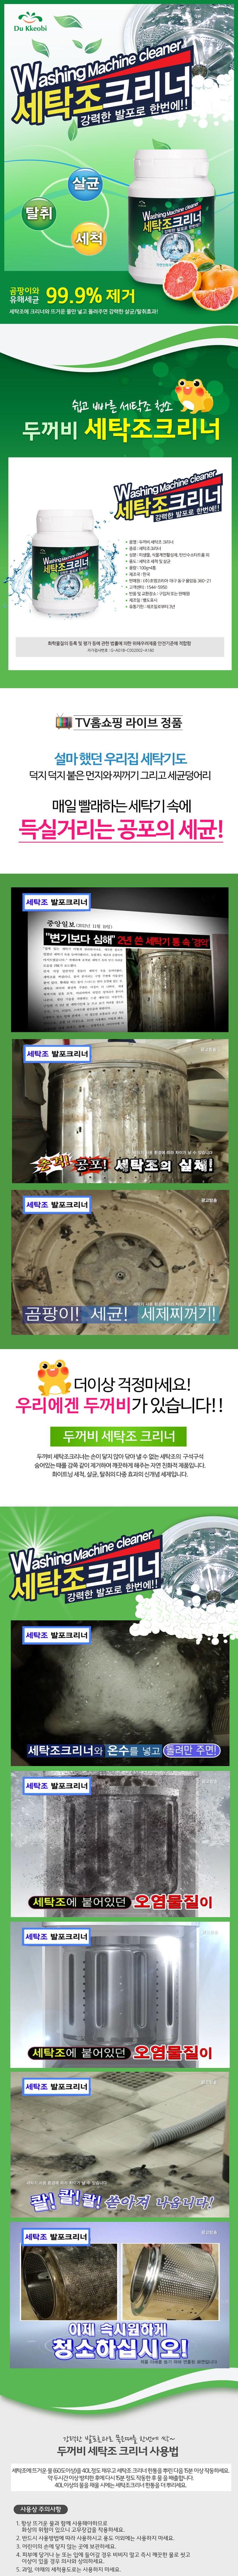 洗衣槽 清潔劑 韓國 清潔劑 韓國 洗衣槽 清潔劑